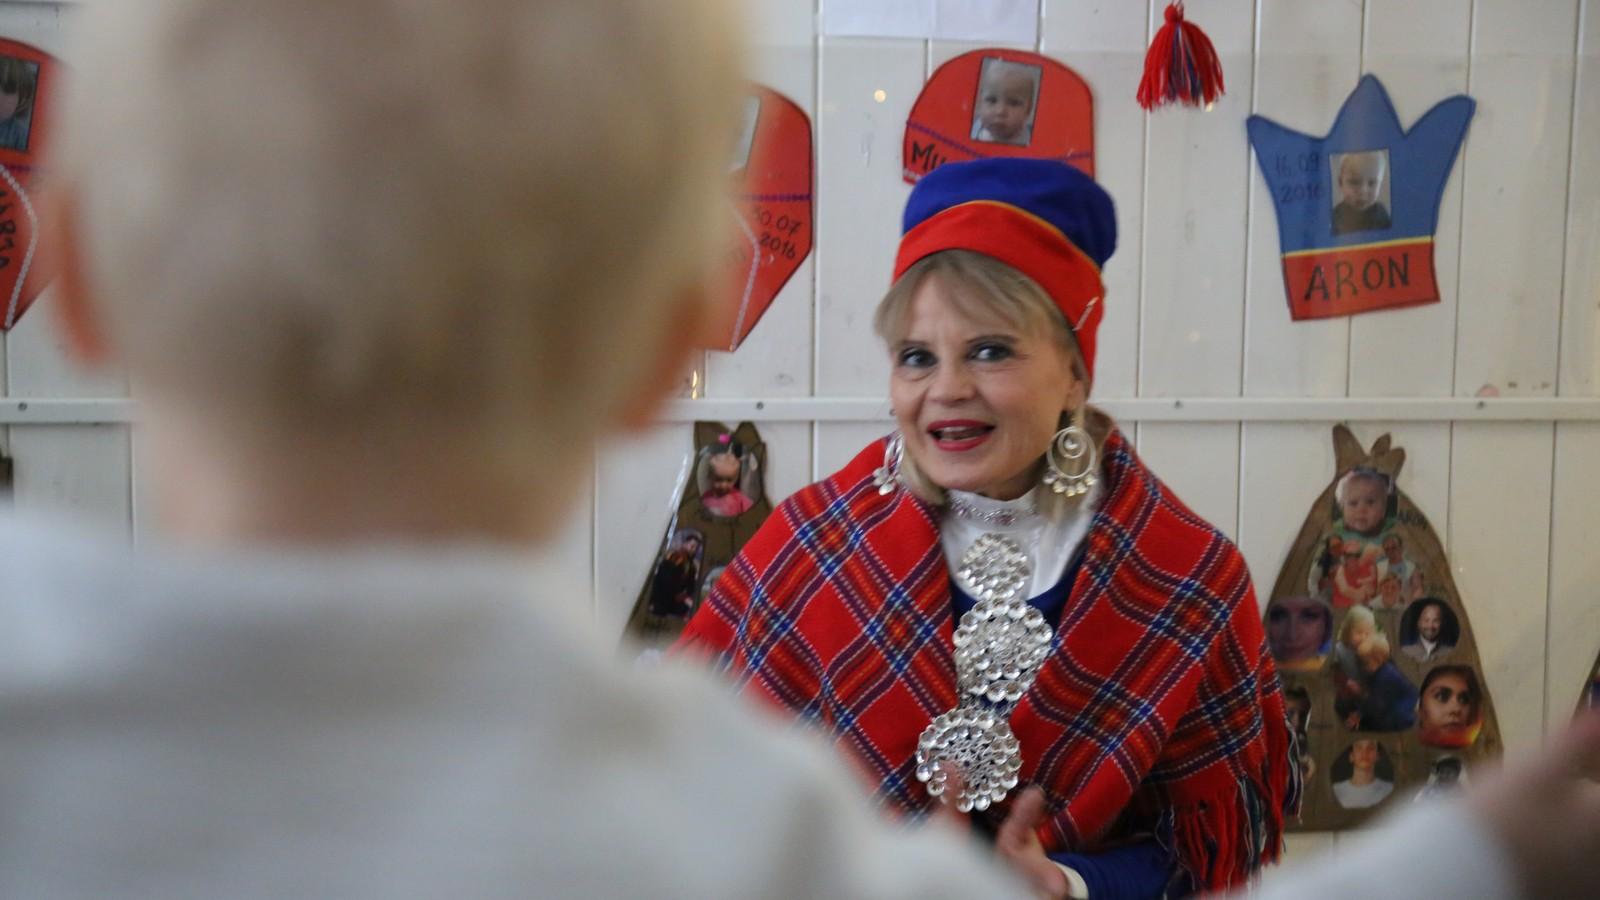 Kvinne i samedrakt i samisk barnehage i Oslo forteller historier til barna. Man ser ryggen av et barn i bildet.